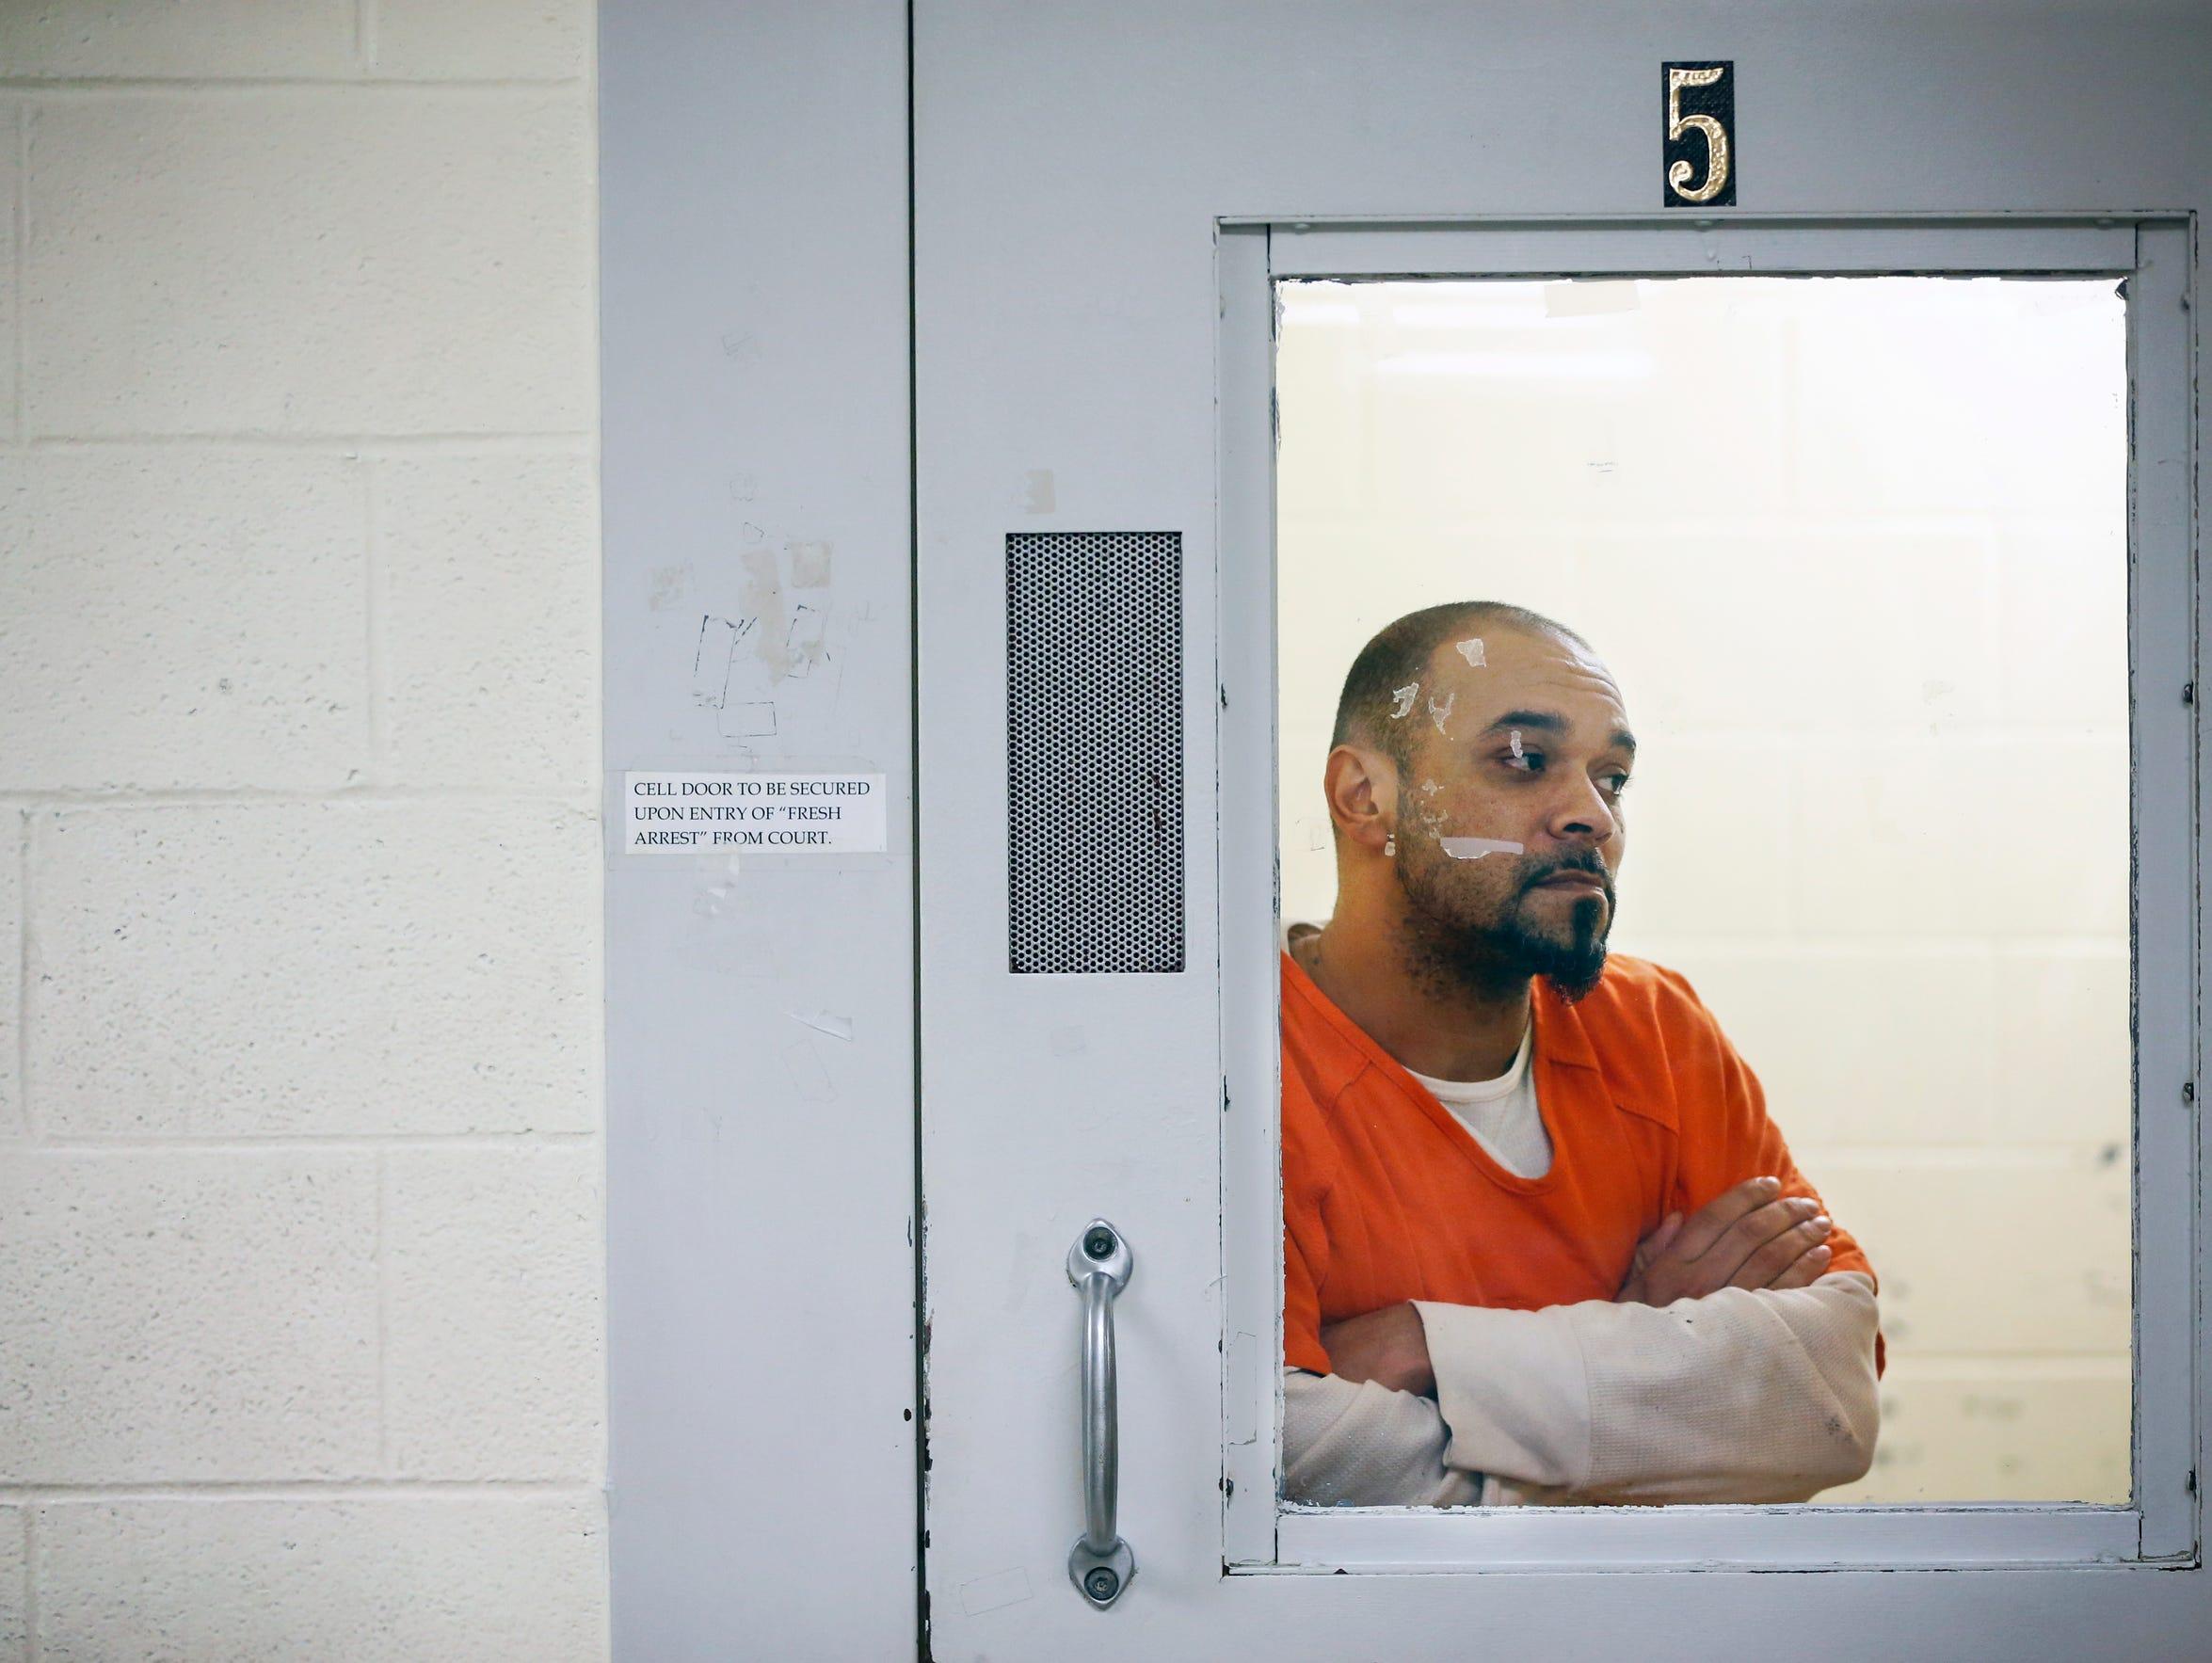 Jail intake 73 - 1 1